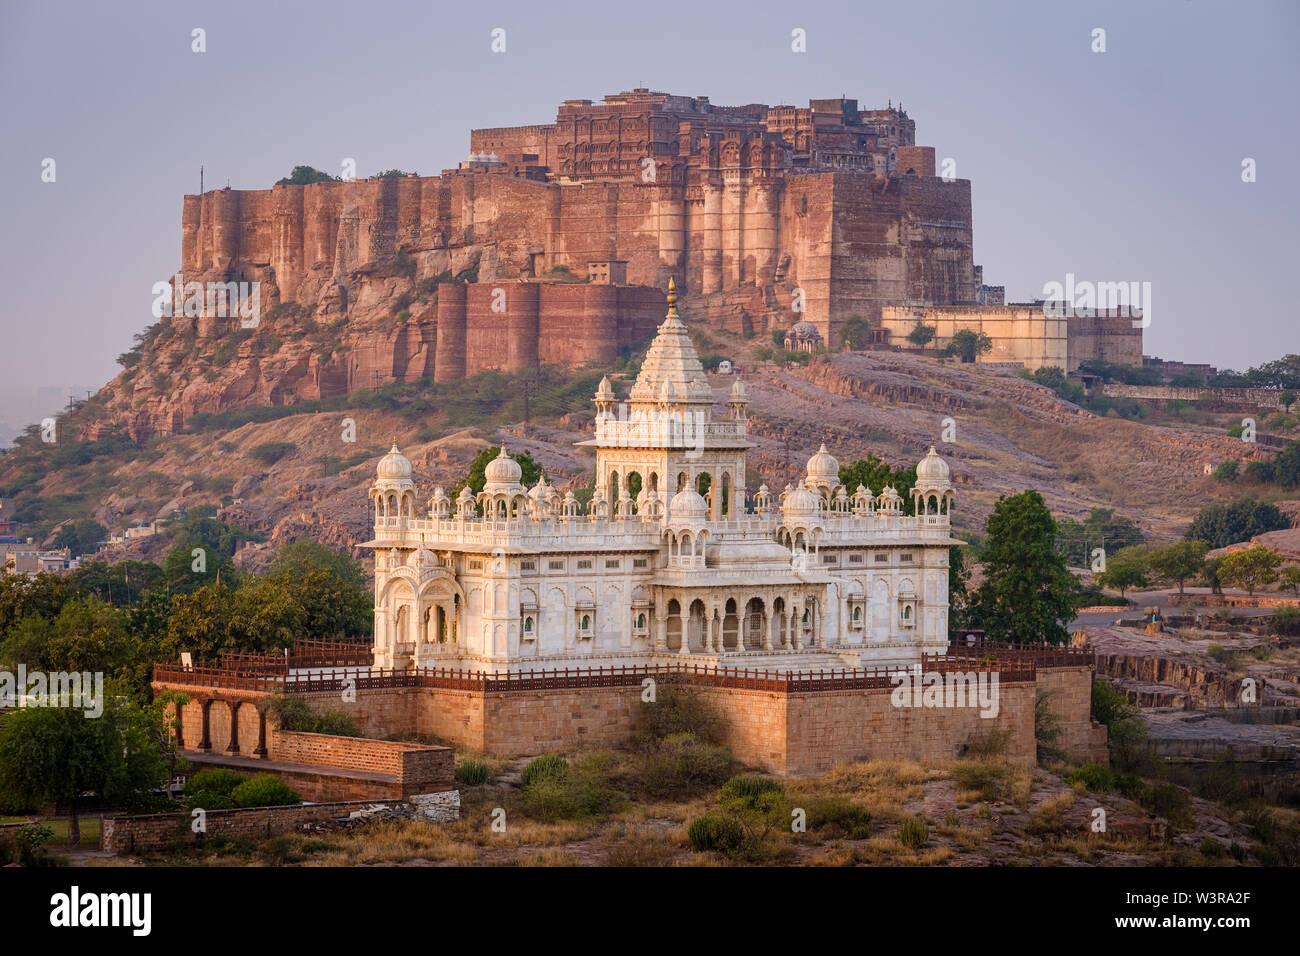 JODHPUR, INDIA - CIRCA NOVIEMBRE 2018: Jaswant Thada Memorial y la fortaleza de Mehrangarh de Jodphur. odhpur es la segunda ciudad más grande en el estado indio Foto de stock